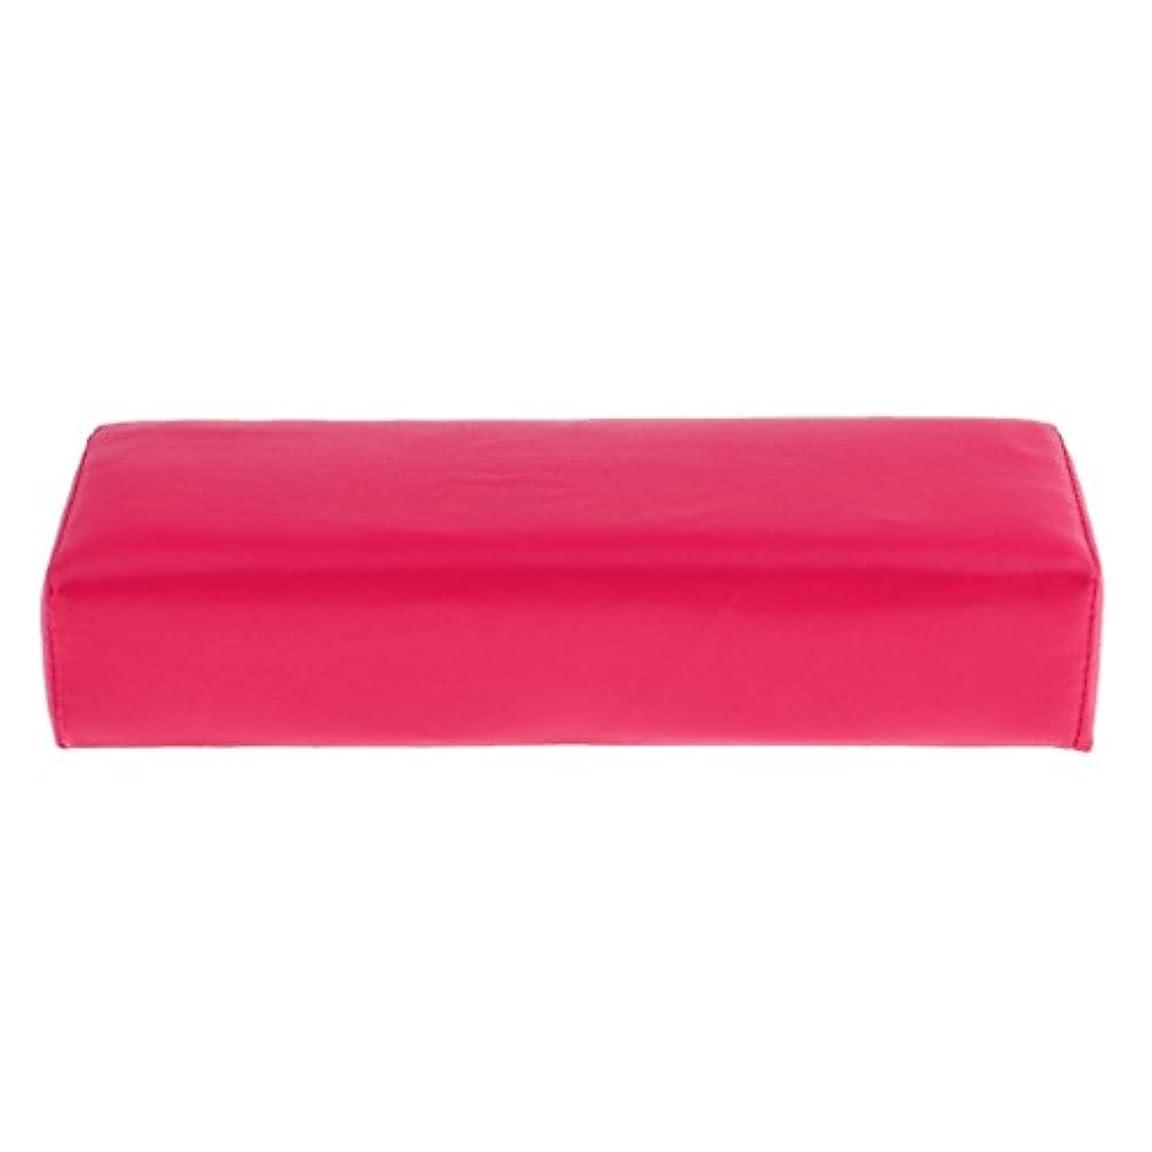 ライナー最も反応する柔らかいスポンジネイルアートハンドレストクッションホルダー - 手/腕/手首の枕マニキュアアクセサリーツール - ローズレッド